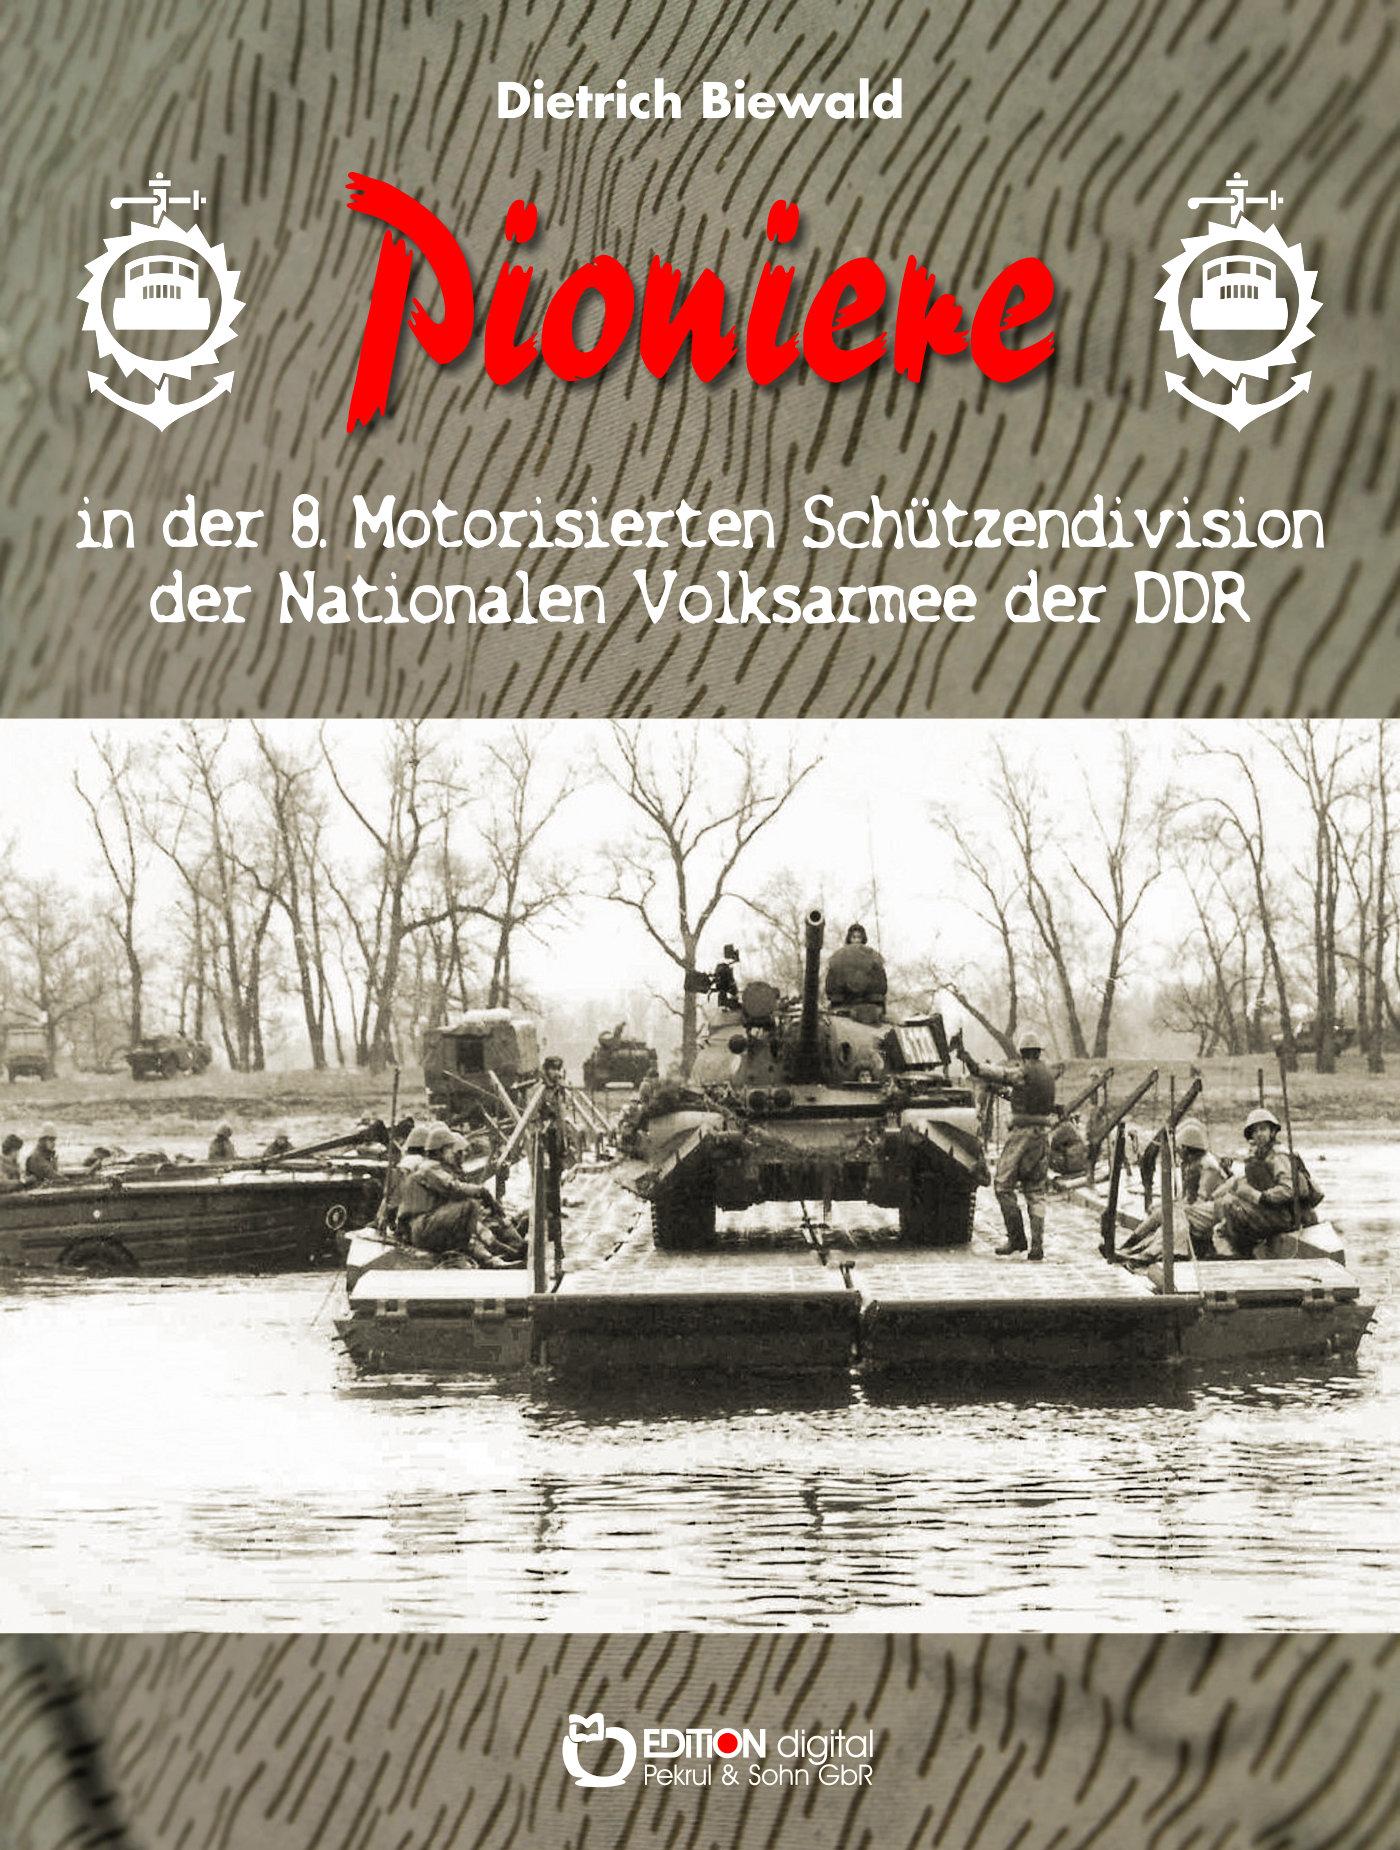 Pioniere in der 8. Motorisierten Schützendivision der Nationalen Volksarmee von Dietrich Biewald